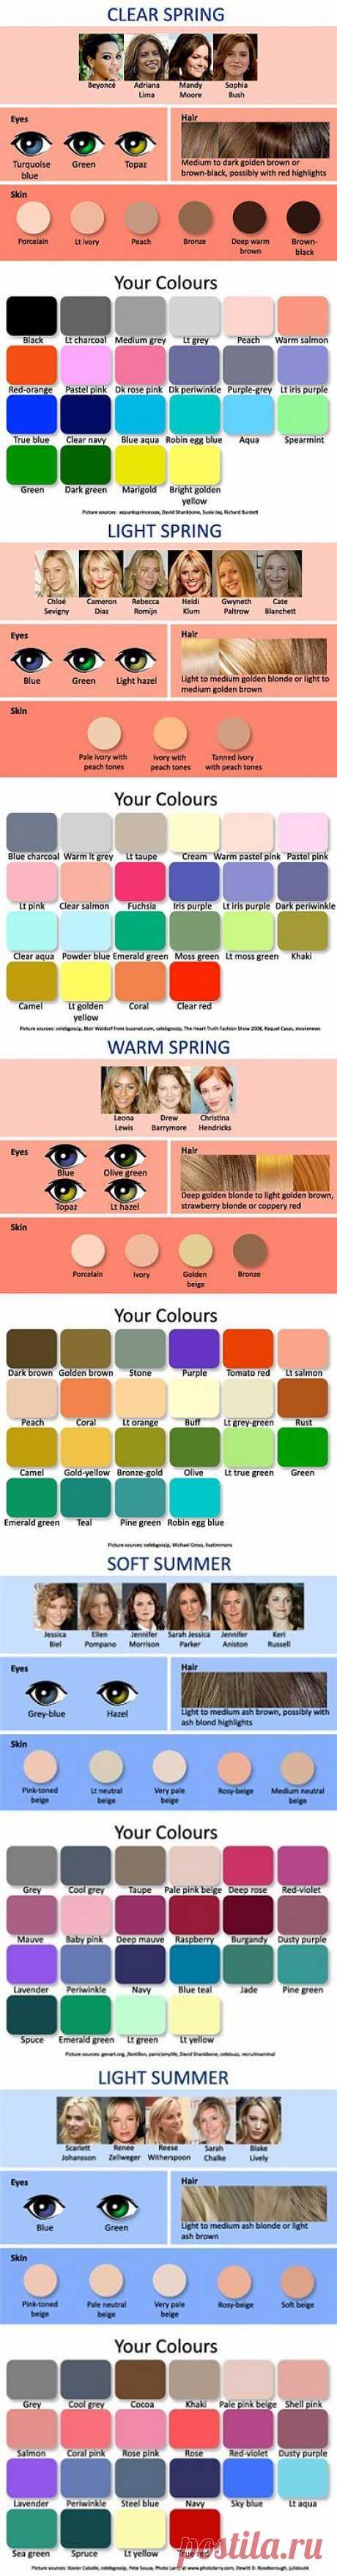 Цветотипы людей и подходящие им цвета.